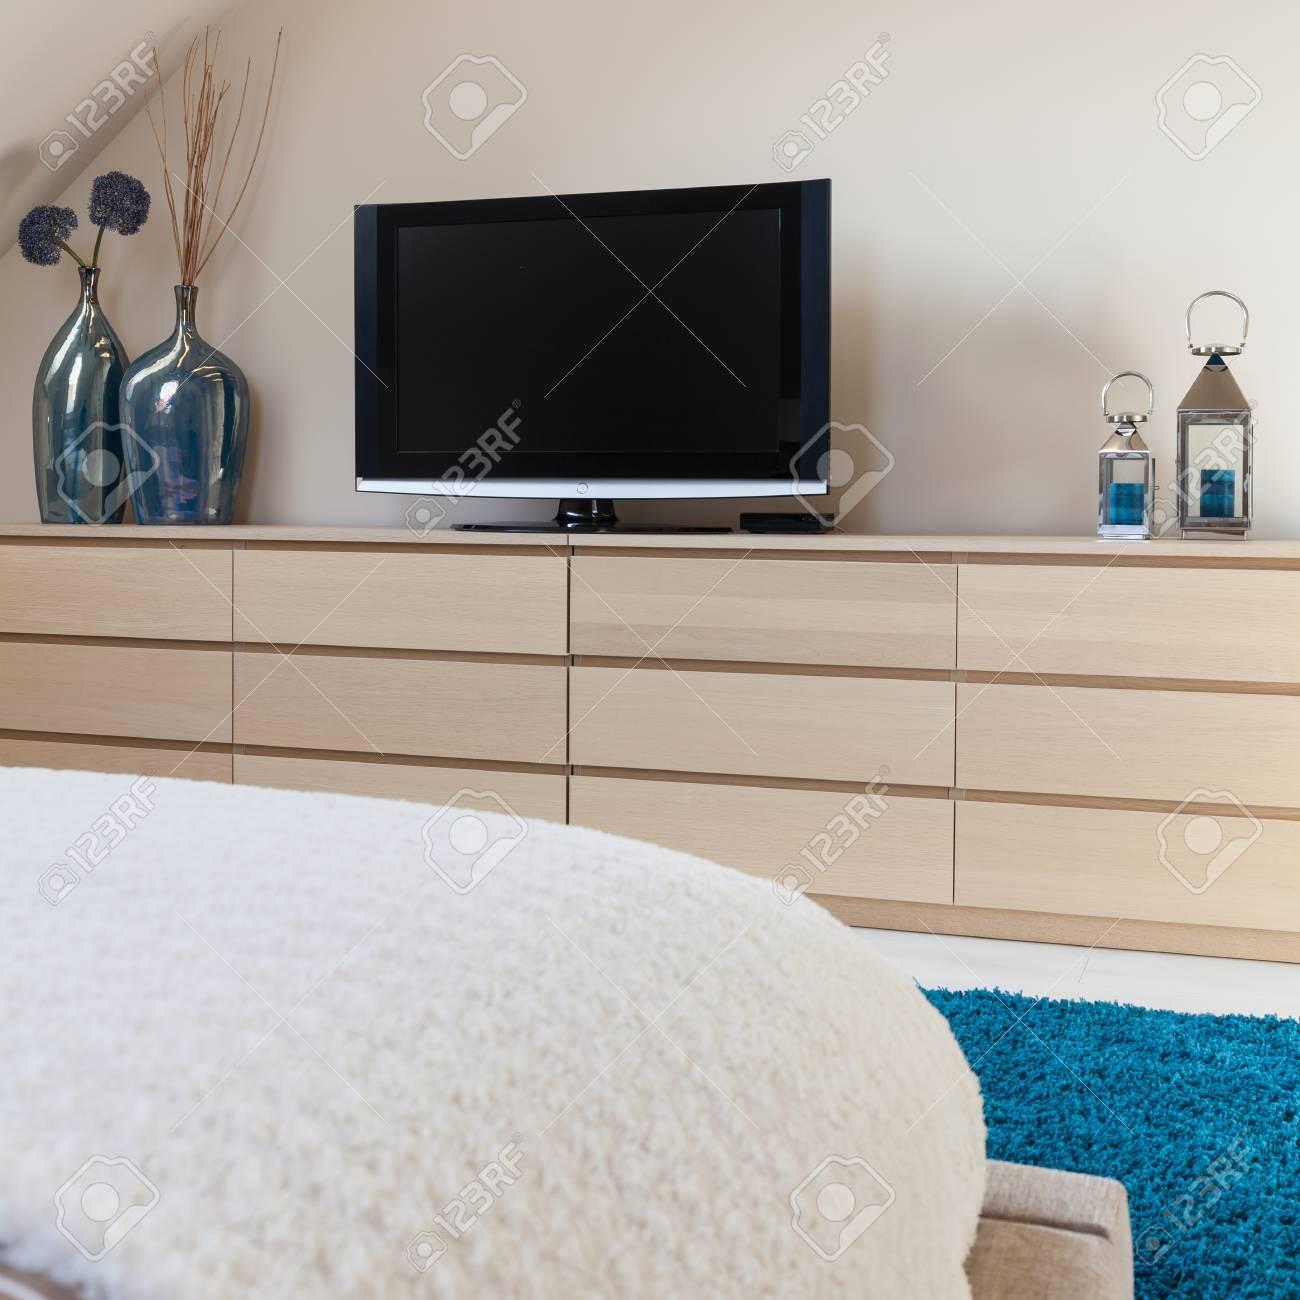 nouvelle television dans une petite chambre moderne banque d images et photos libres de droits image 61583295